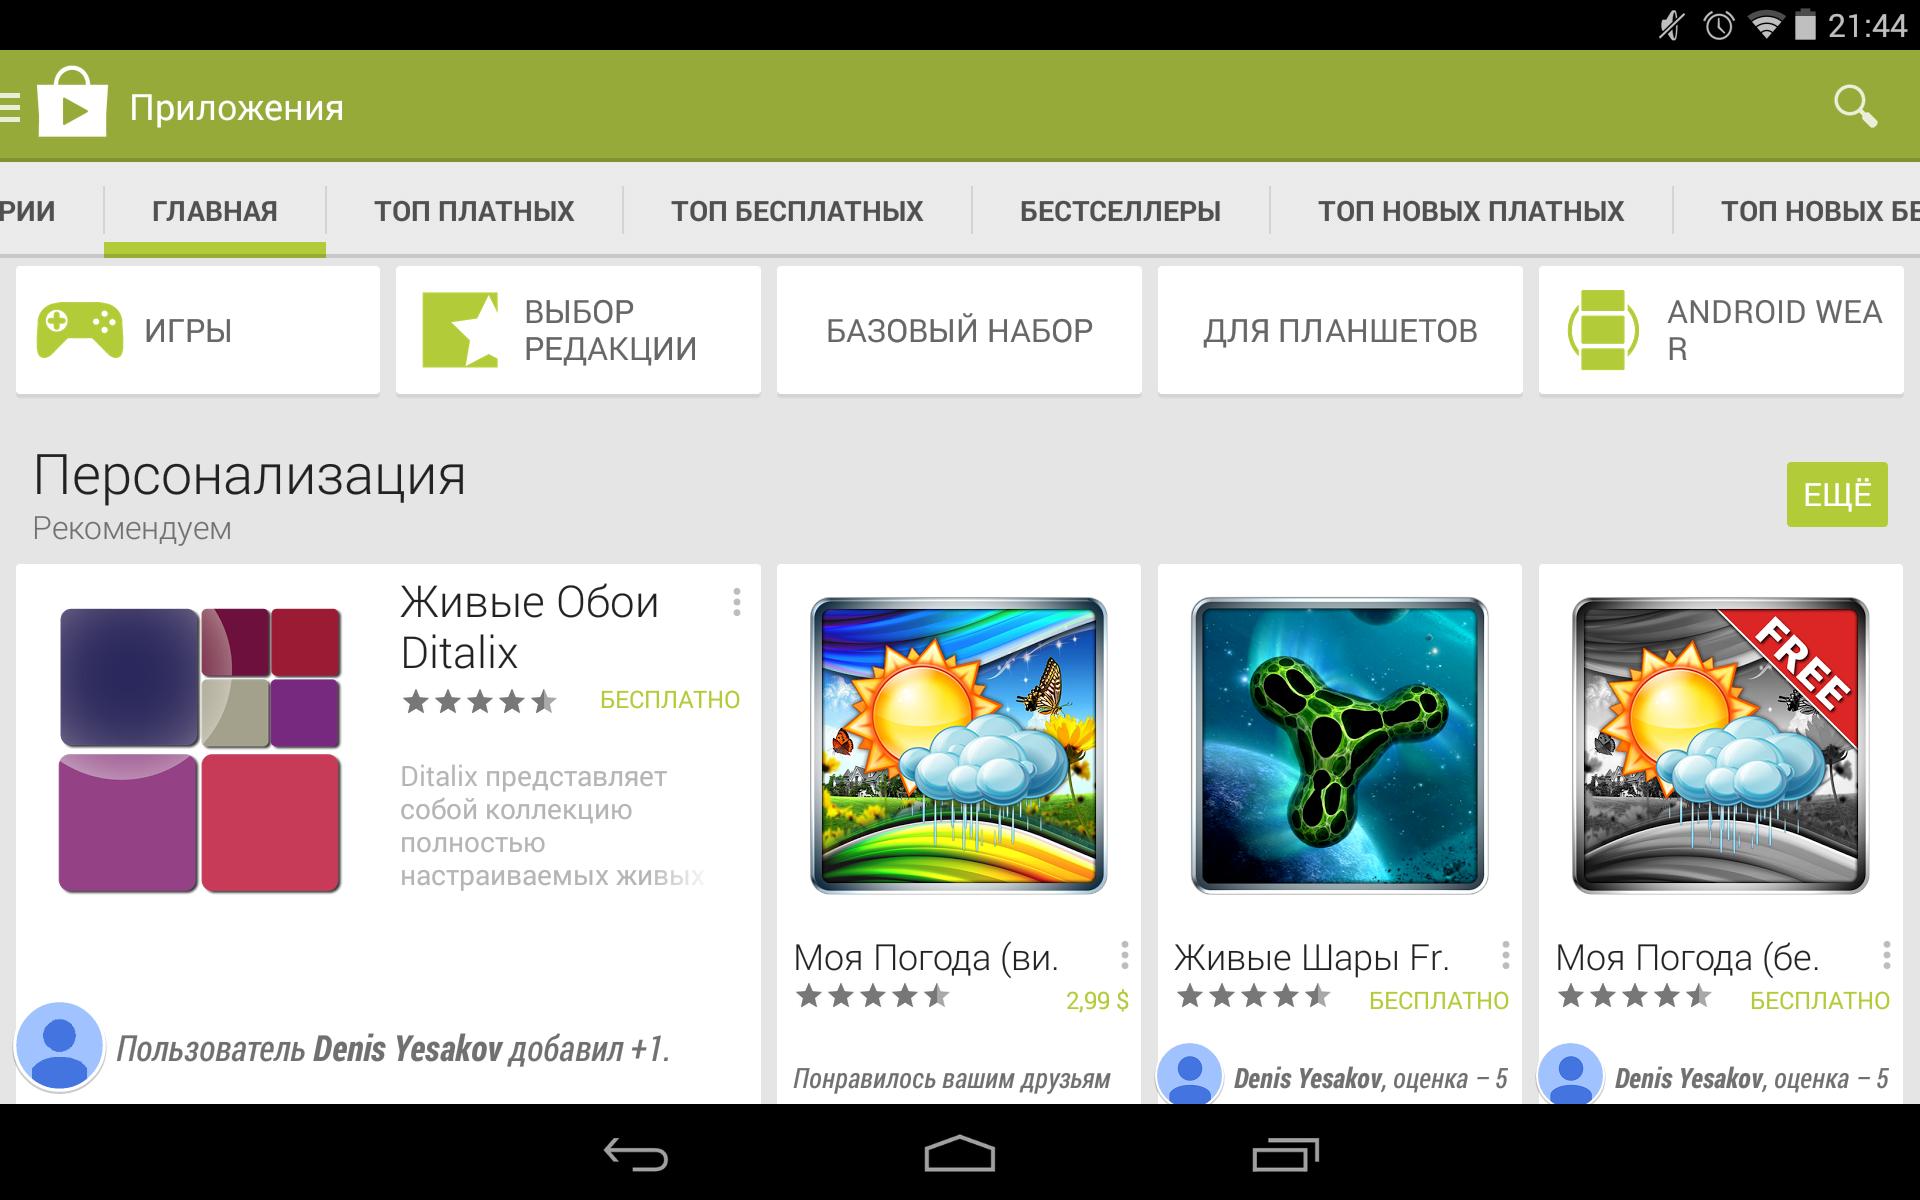 Скачать приложение для планшета андроид бесплатно программа суматра скачать русская